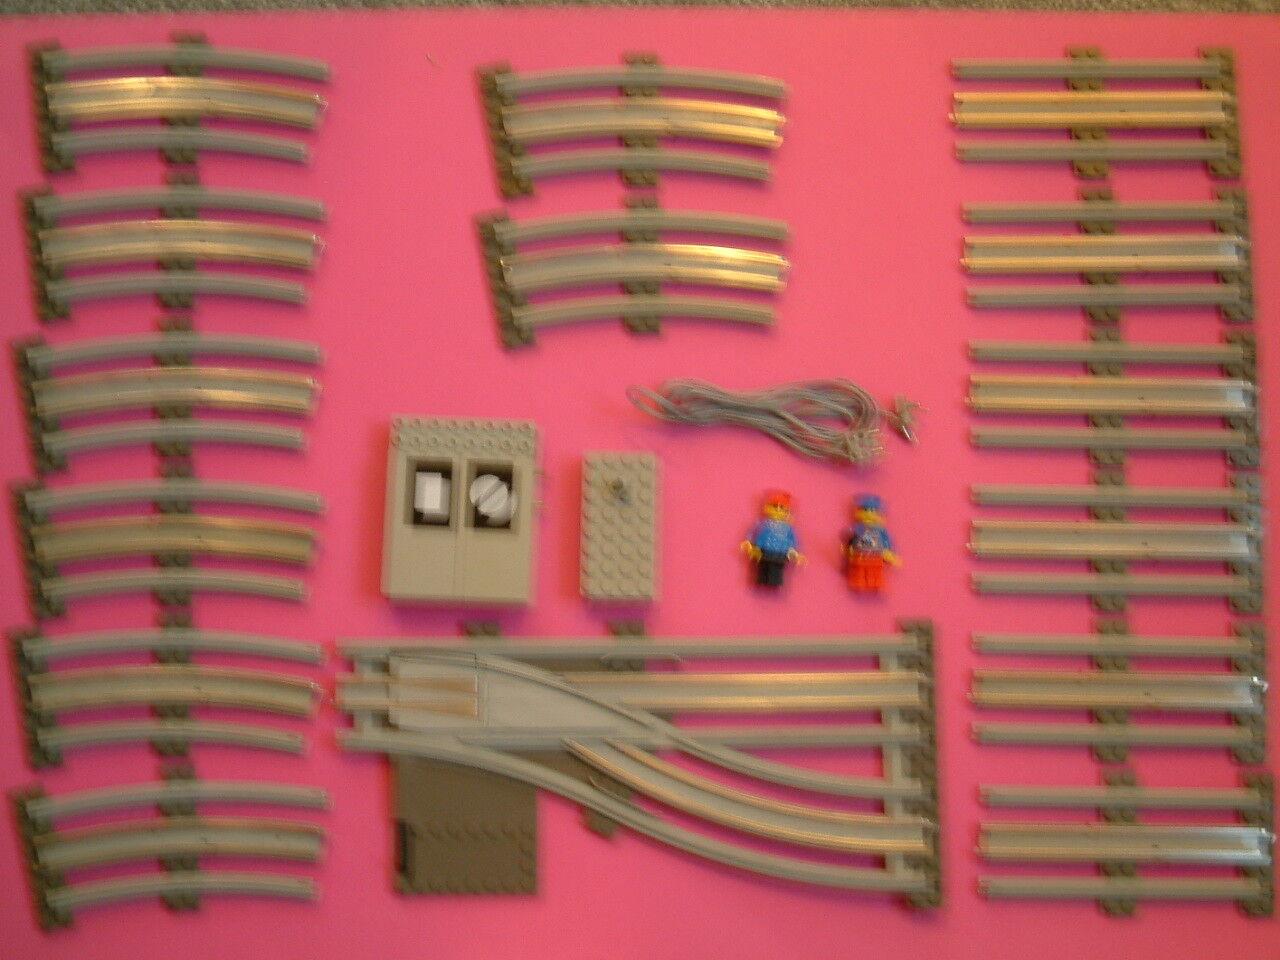 LEGO 12v R-H punti remoti, INTERRUTTORE, CAVO, 14 Set ferrovia, Figure 2, 7 Treno foto.